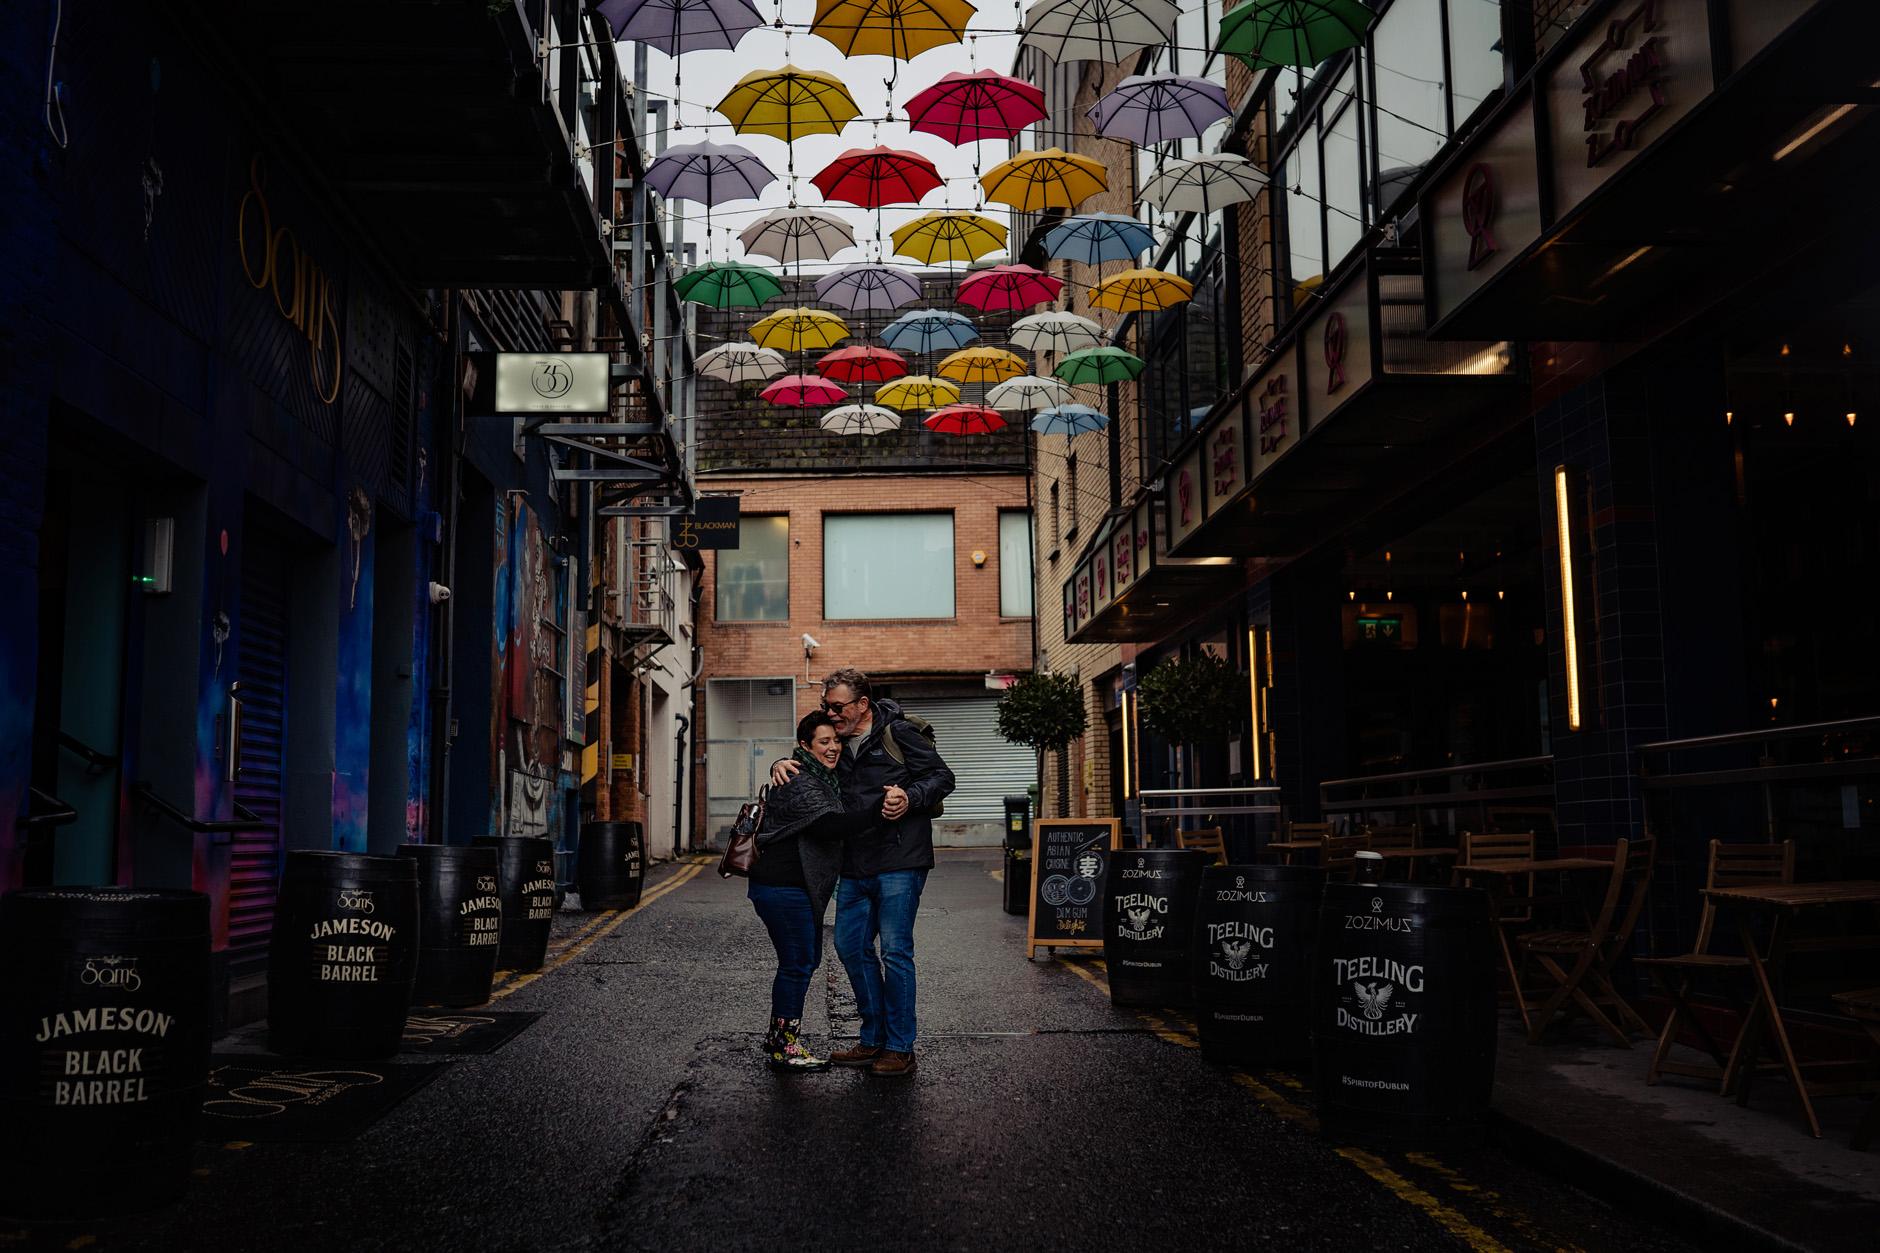 on-location-couple-vacation-photographer-dublin-howth-ireland-0010.jpg